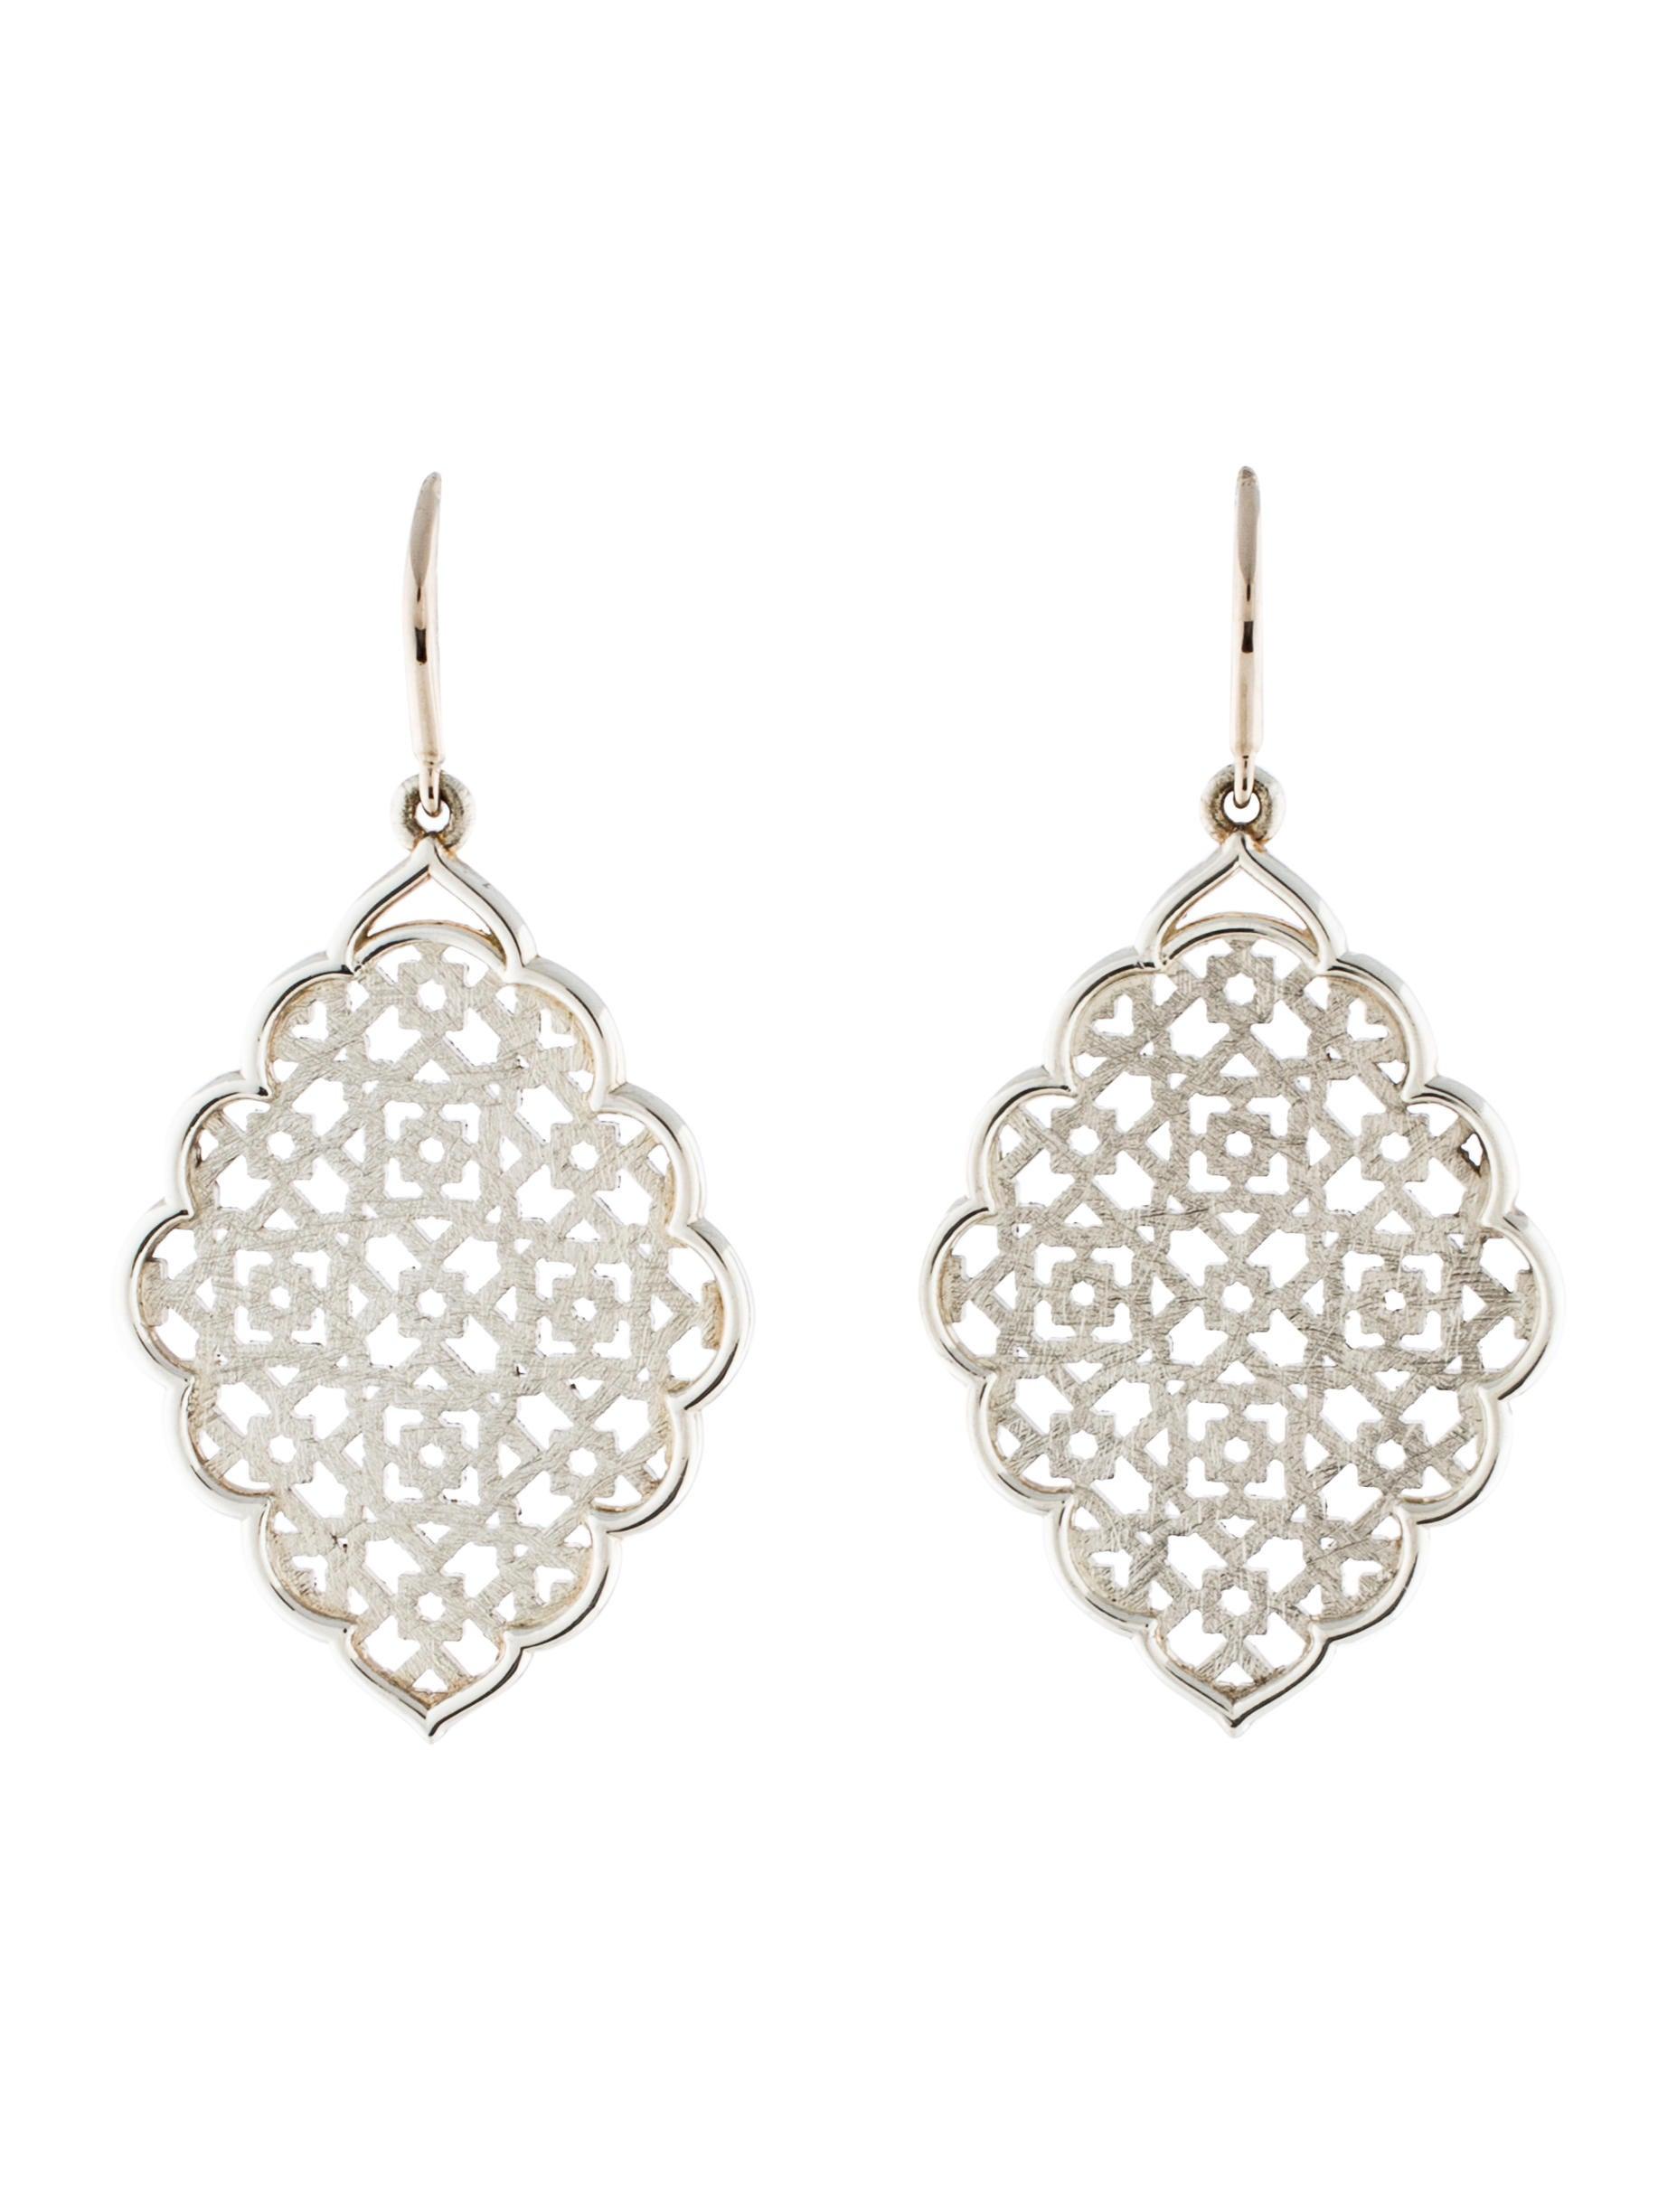 Tiffany Amp Co Paloma Picasso Marrakesh Earrings Earrings